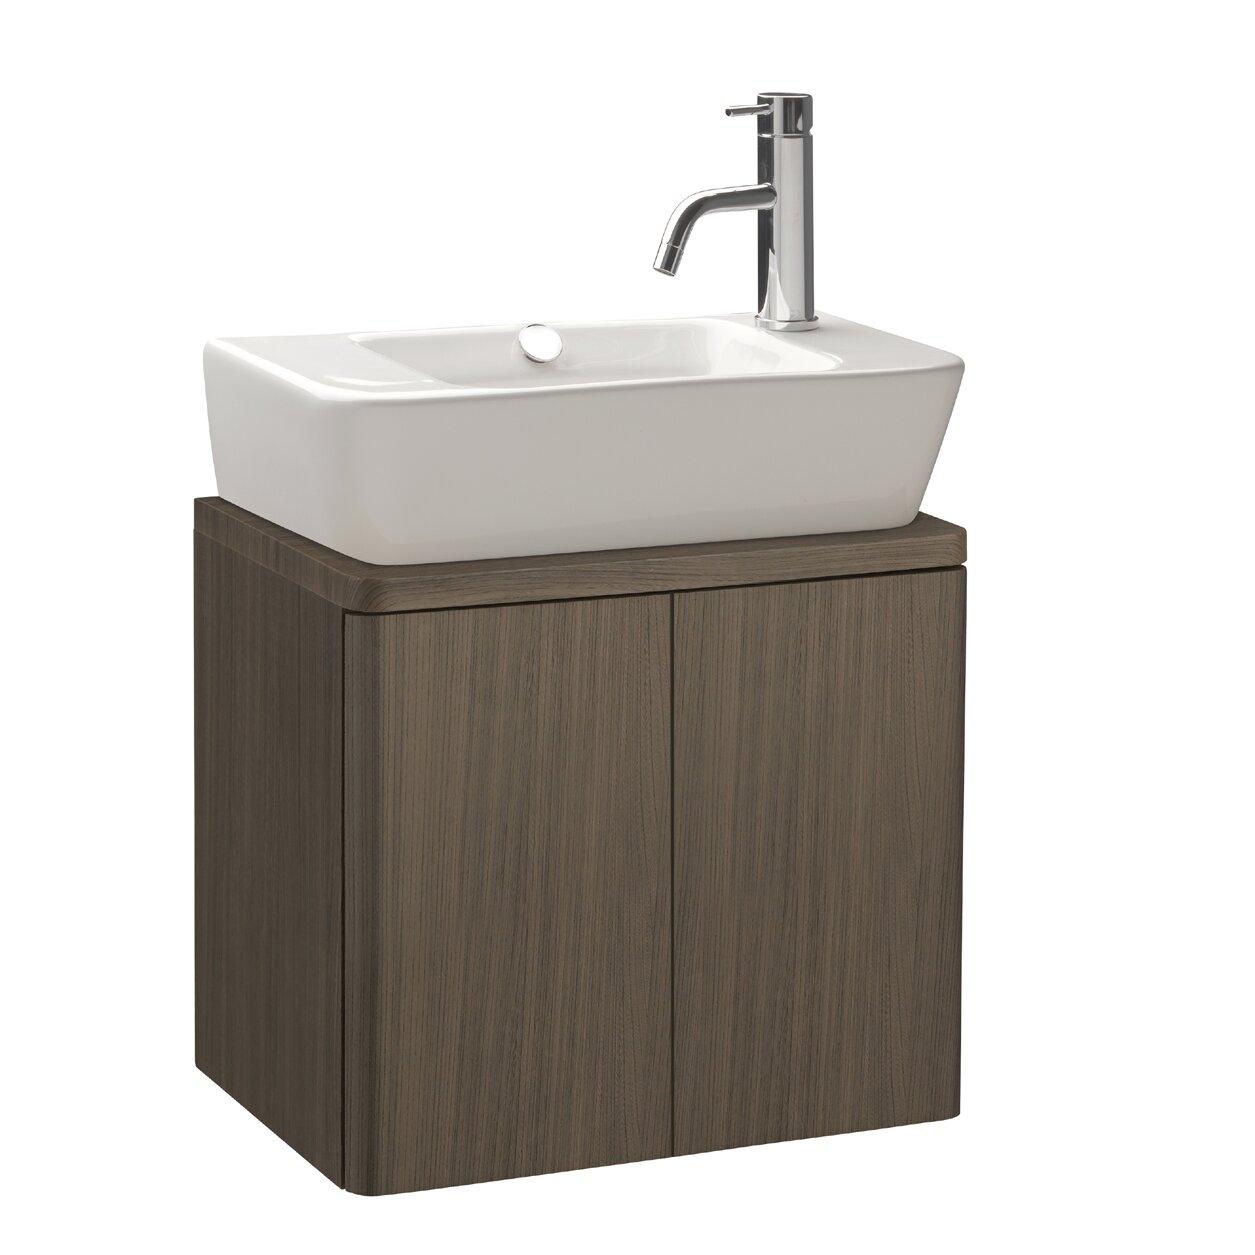 Bissonnet Emma 20 Single Cabinet Bathroom Vanity Set